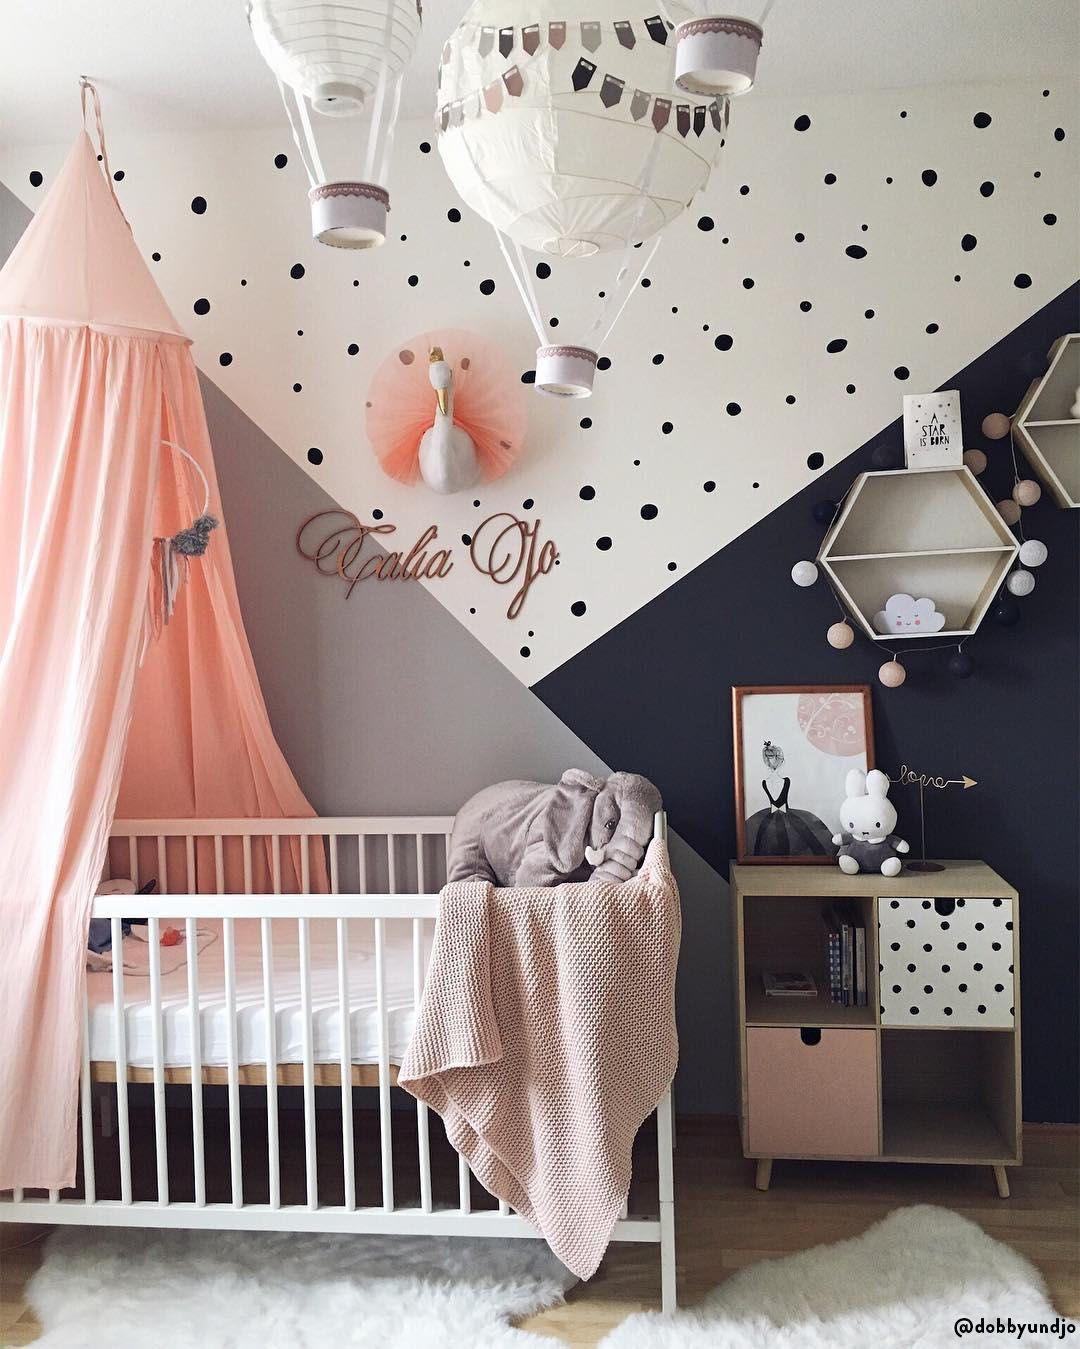 Il sogno di ogni bambino 💘 Una cameretta decorata con